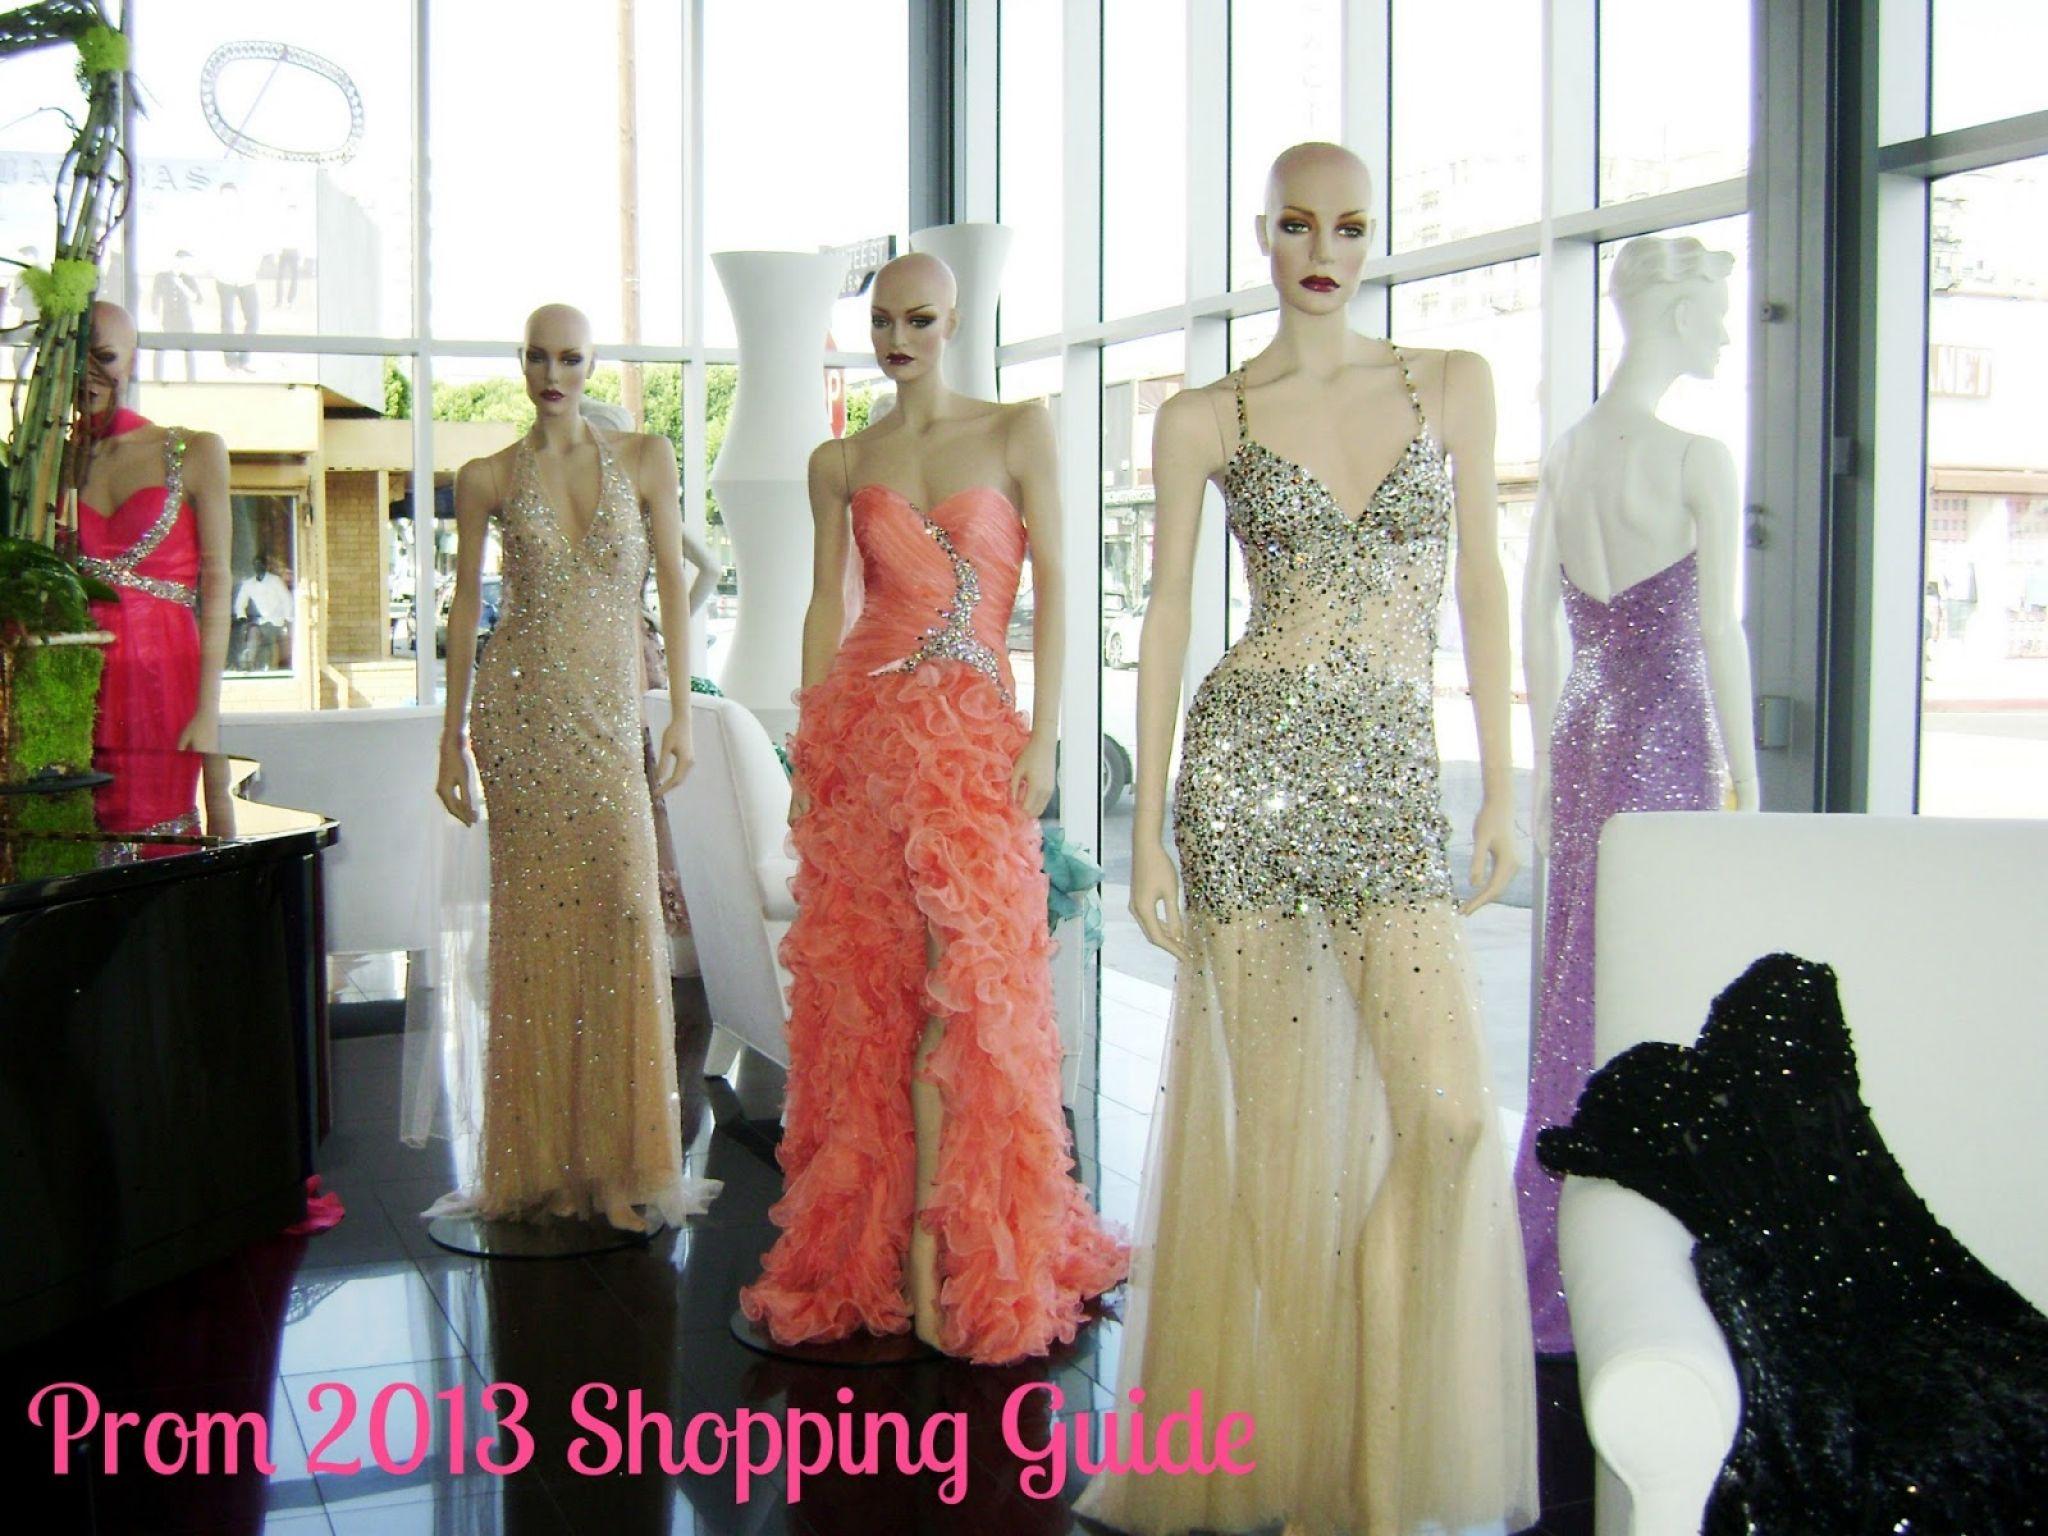 Los Angeles Garment District Wedding Dresses Informal For Older Brides Check More At